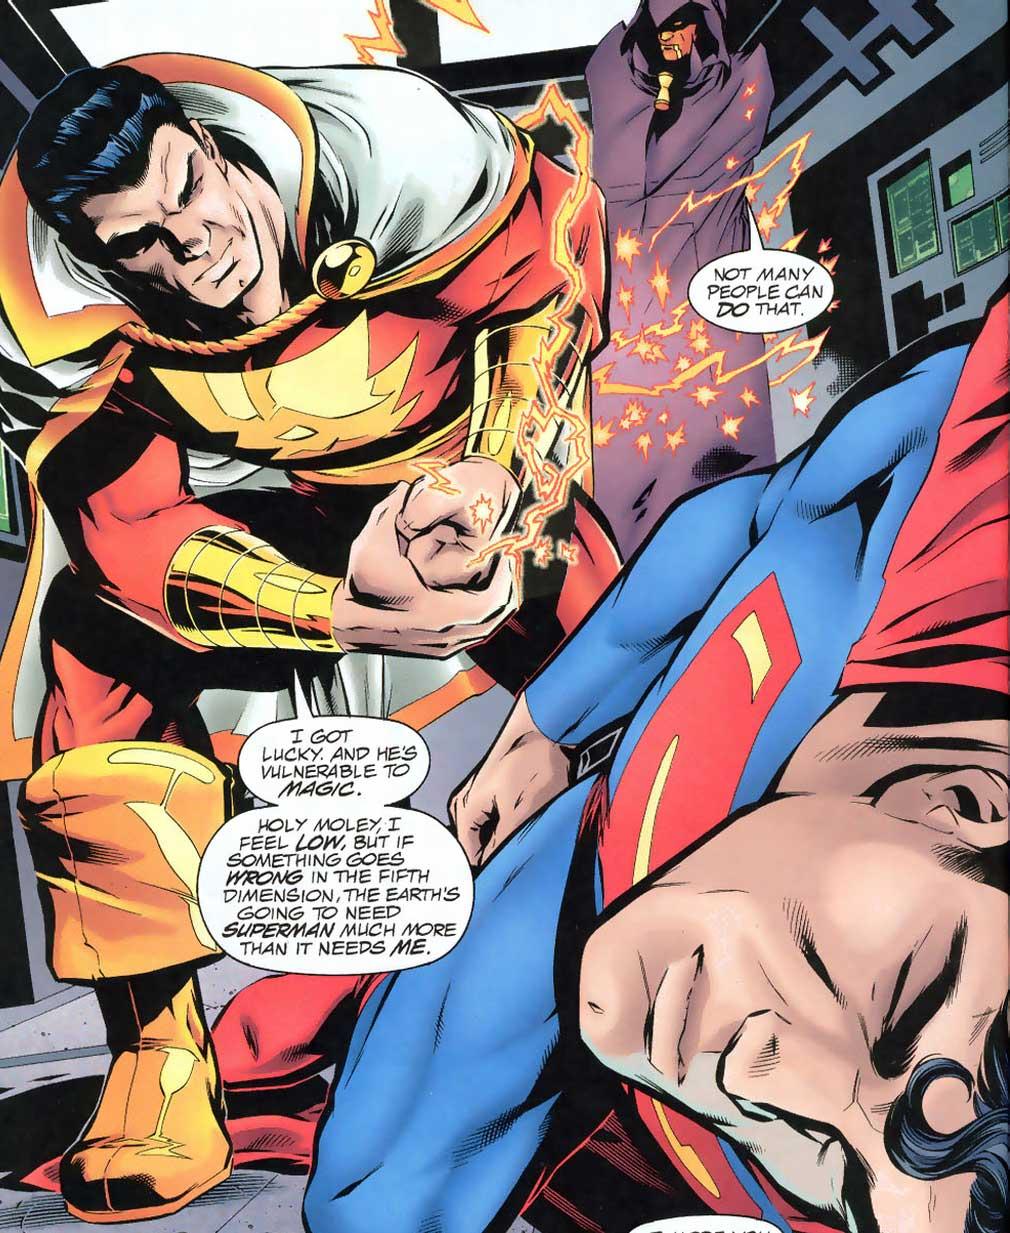 Супермен и секс прохождение 21 фотография